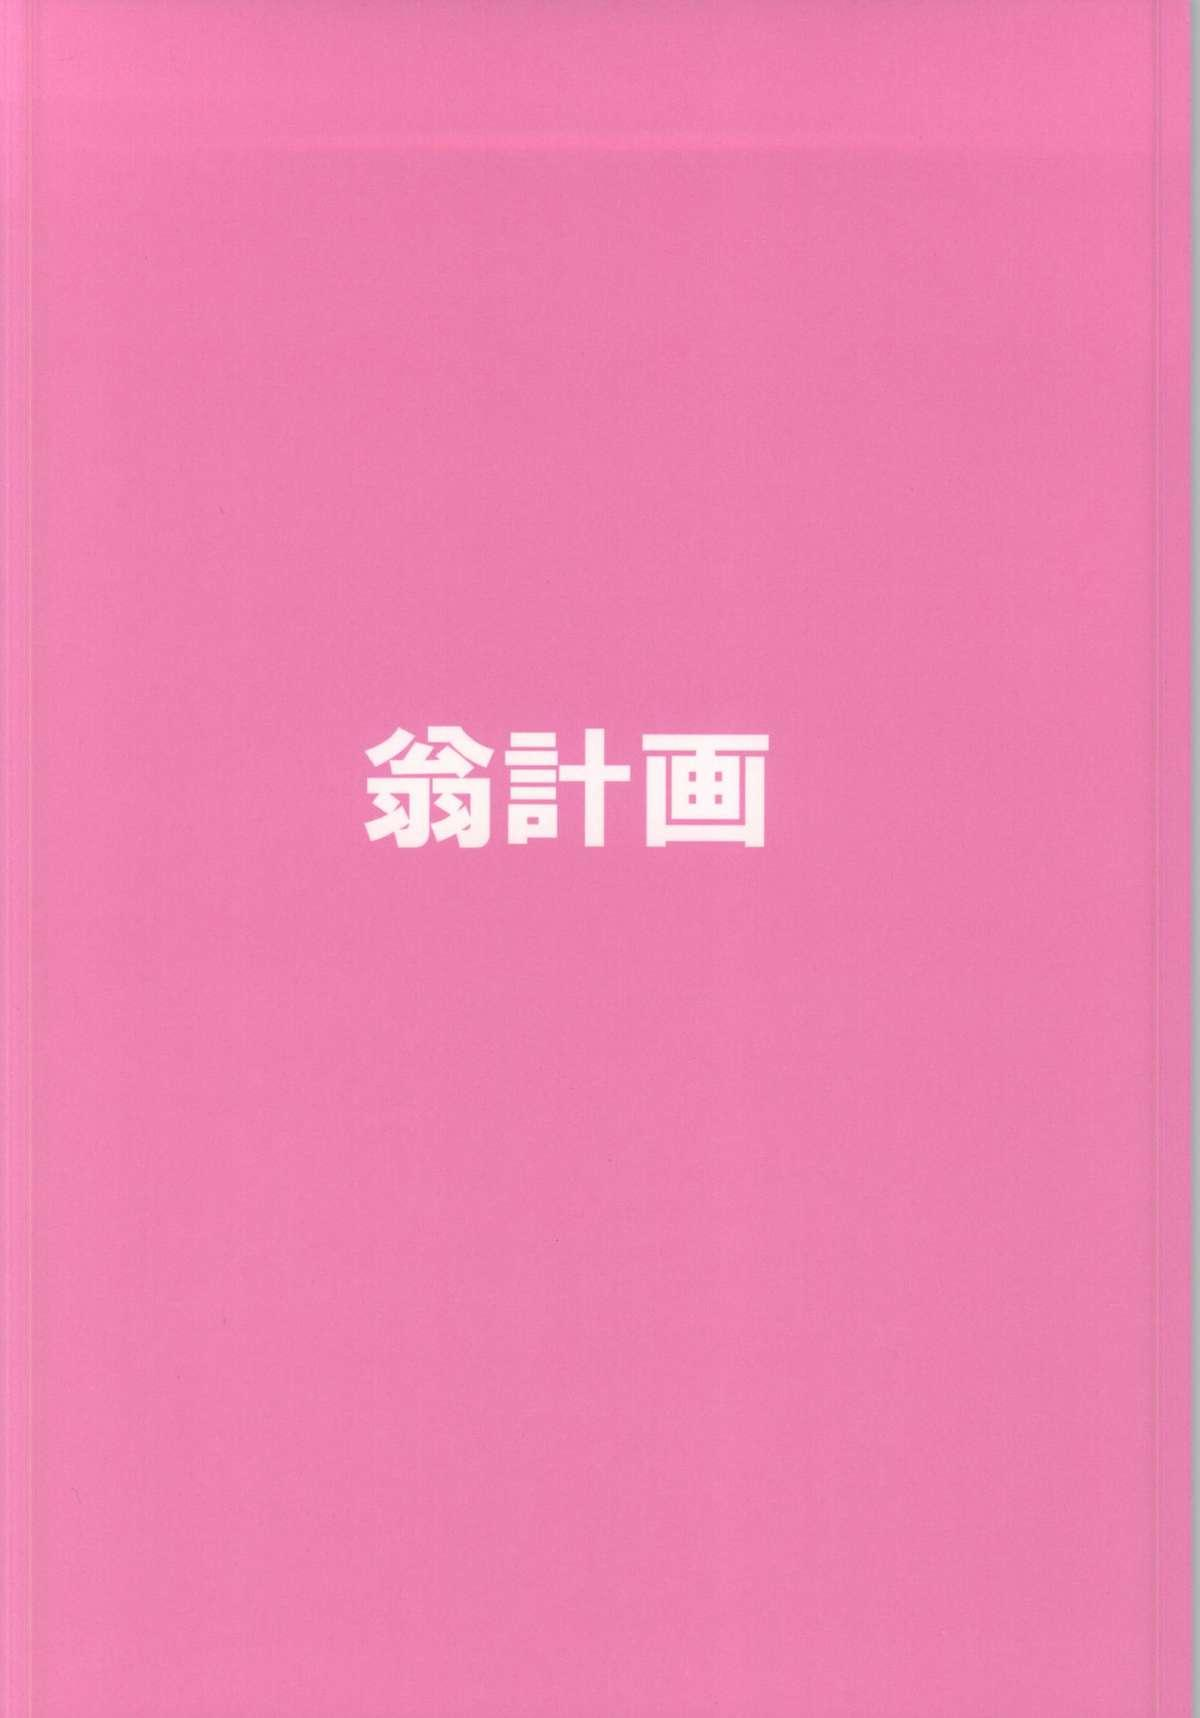 Pochaco Kawaii Kawaii 39